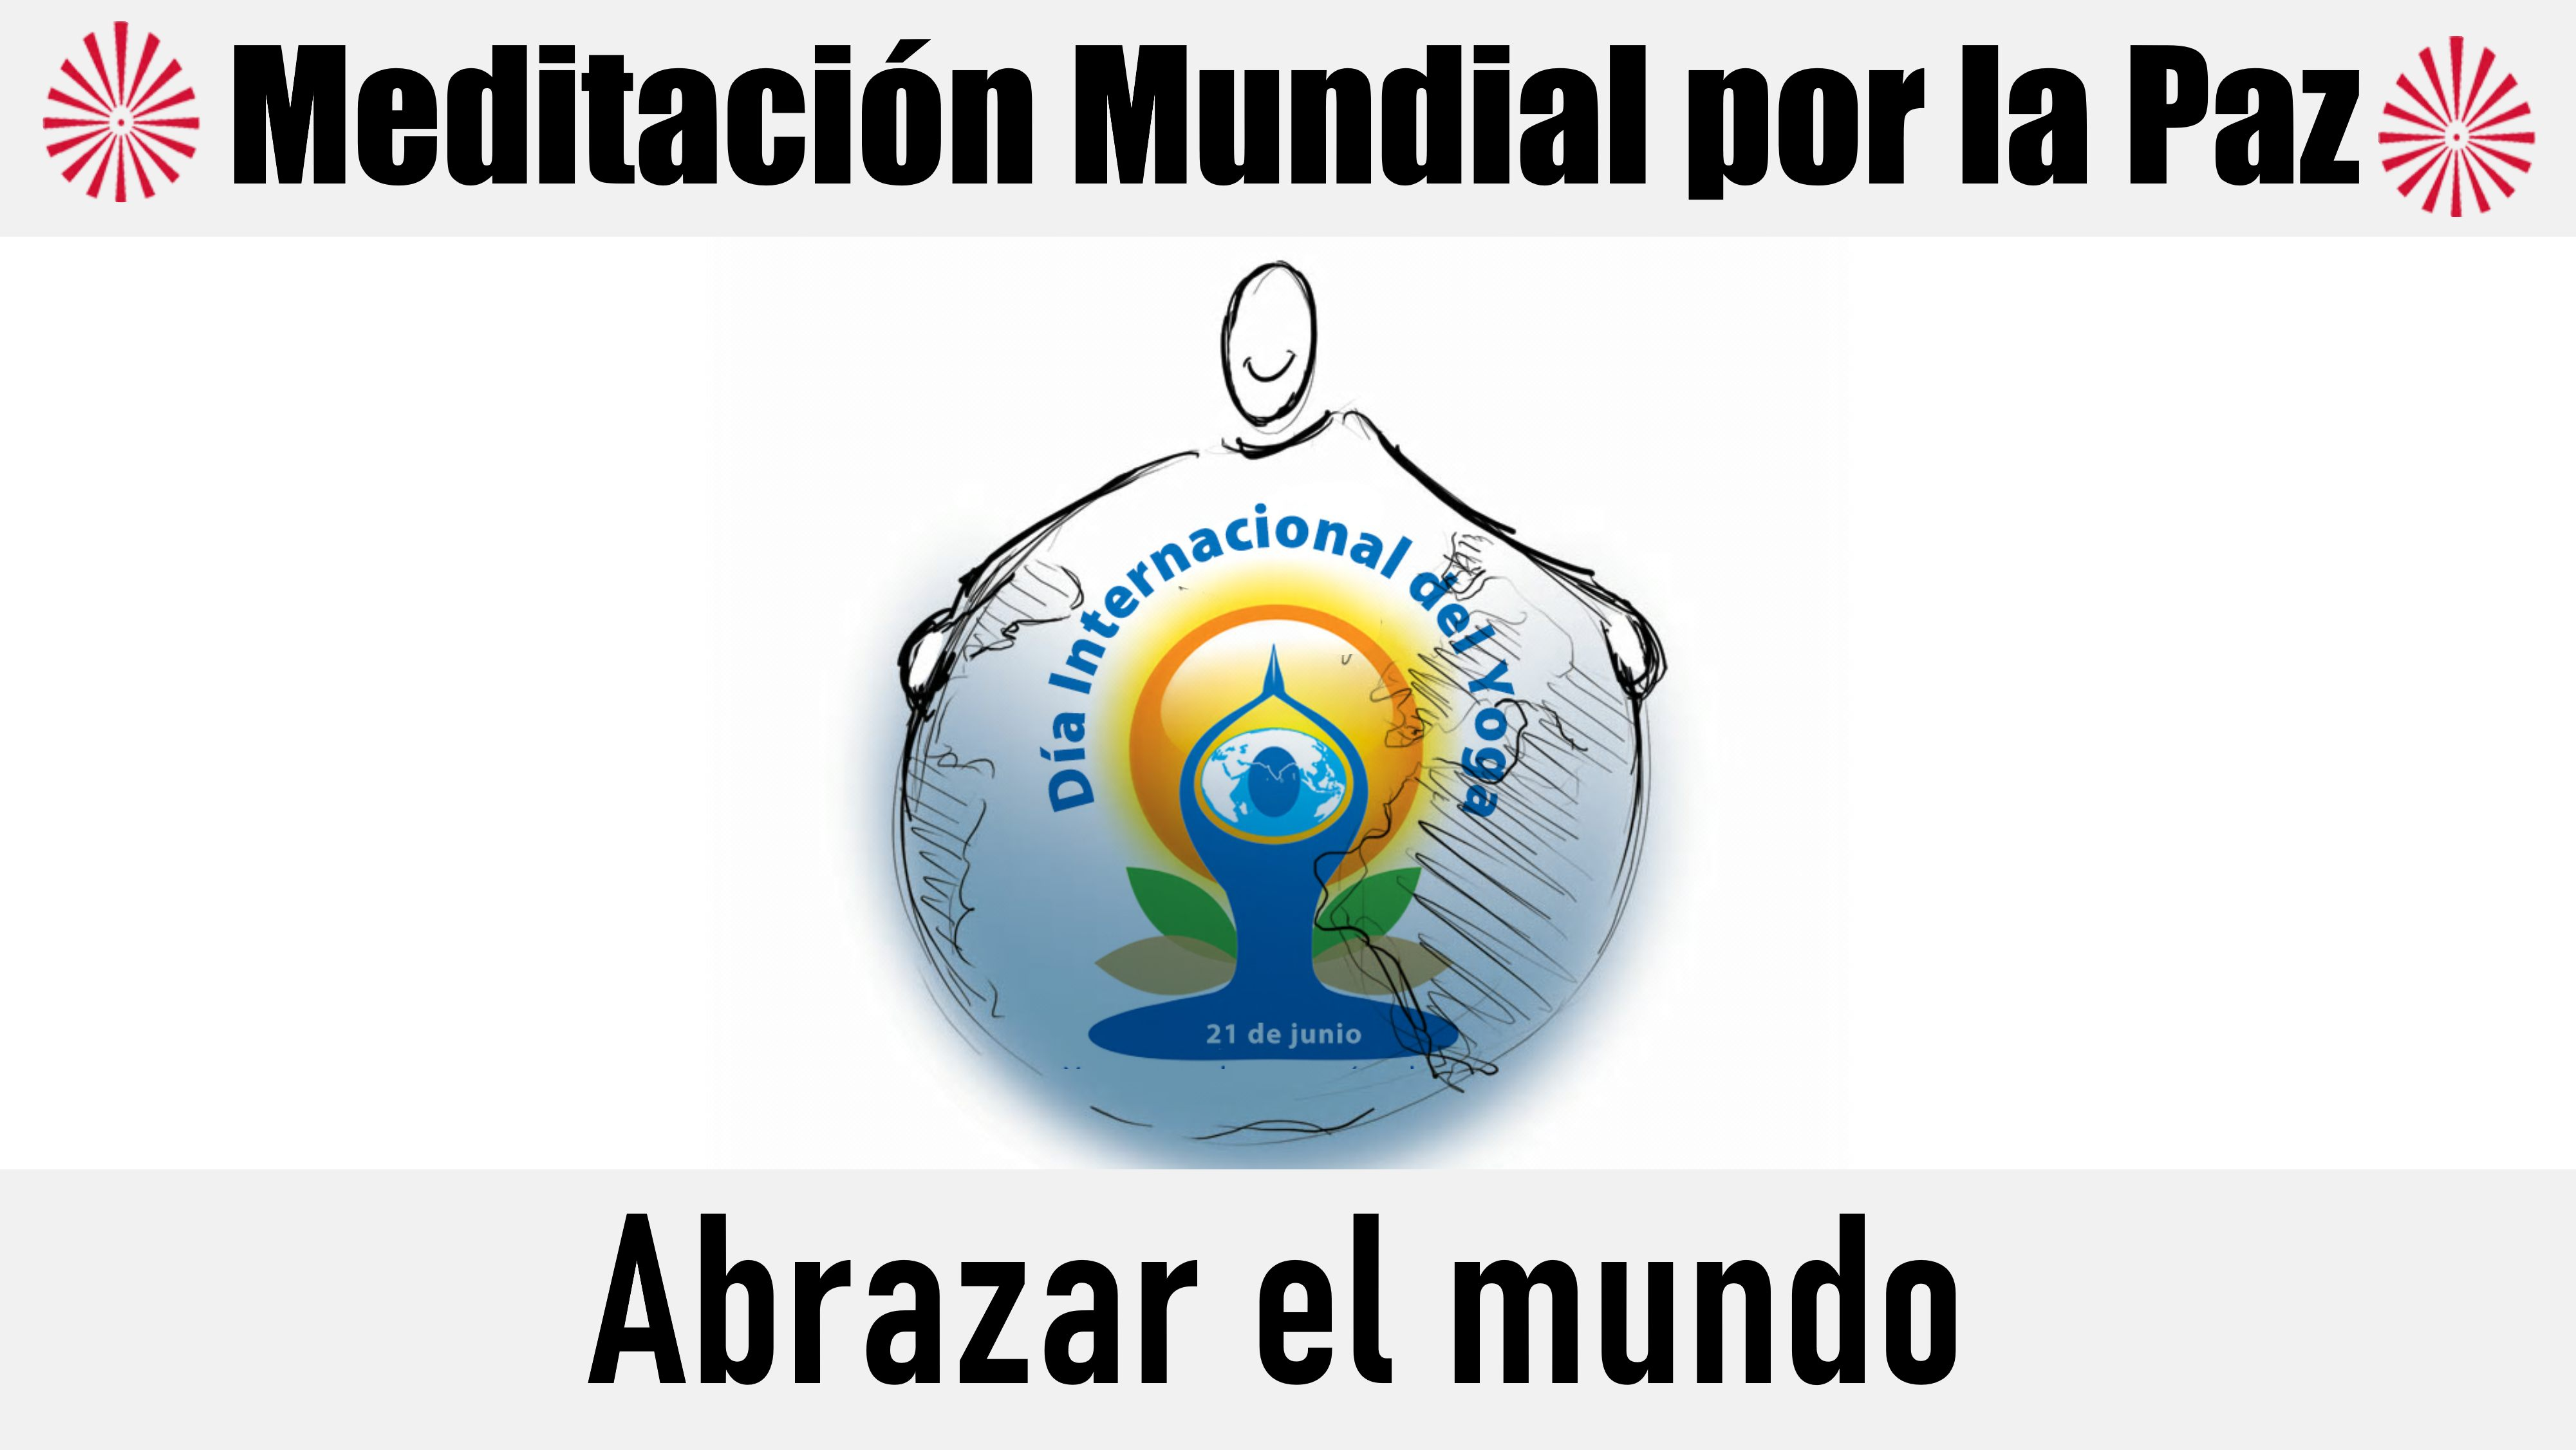 """Meditación mundial por la Paz """"Abrazar el mundo"""". En el día Internacional del Yoga (21 Junio 2020)"""